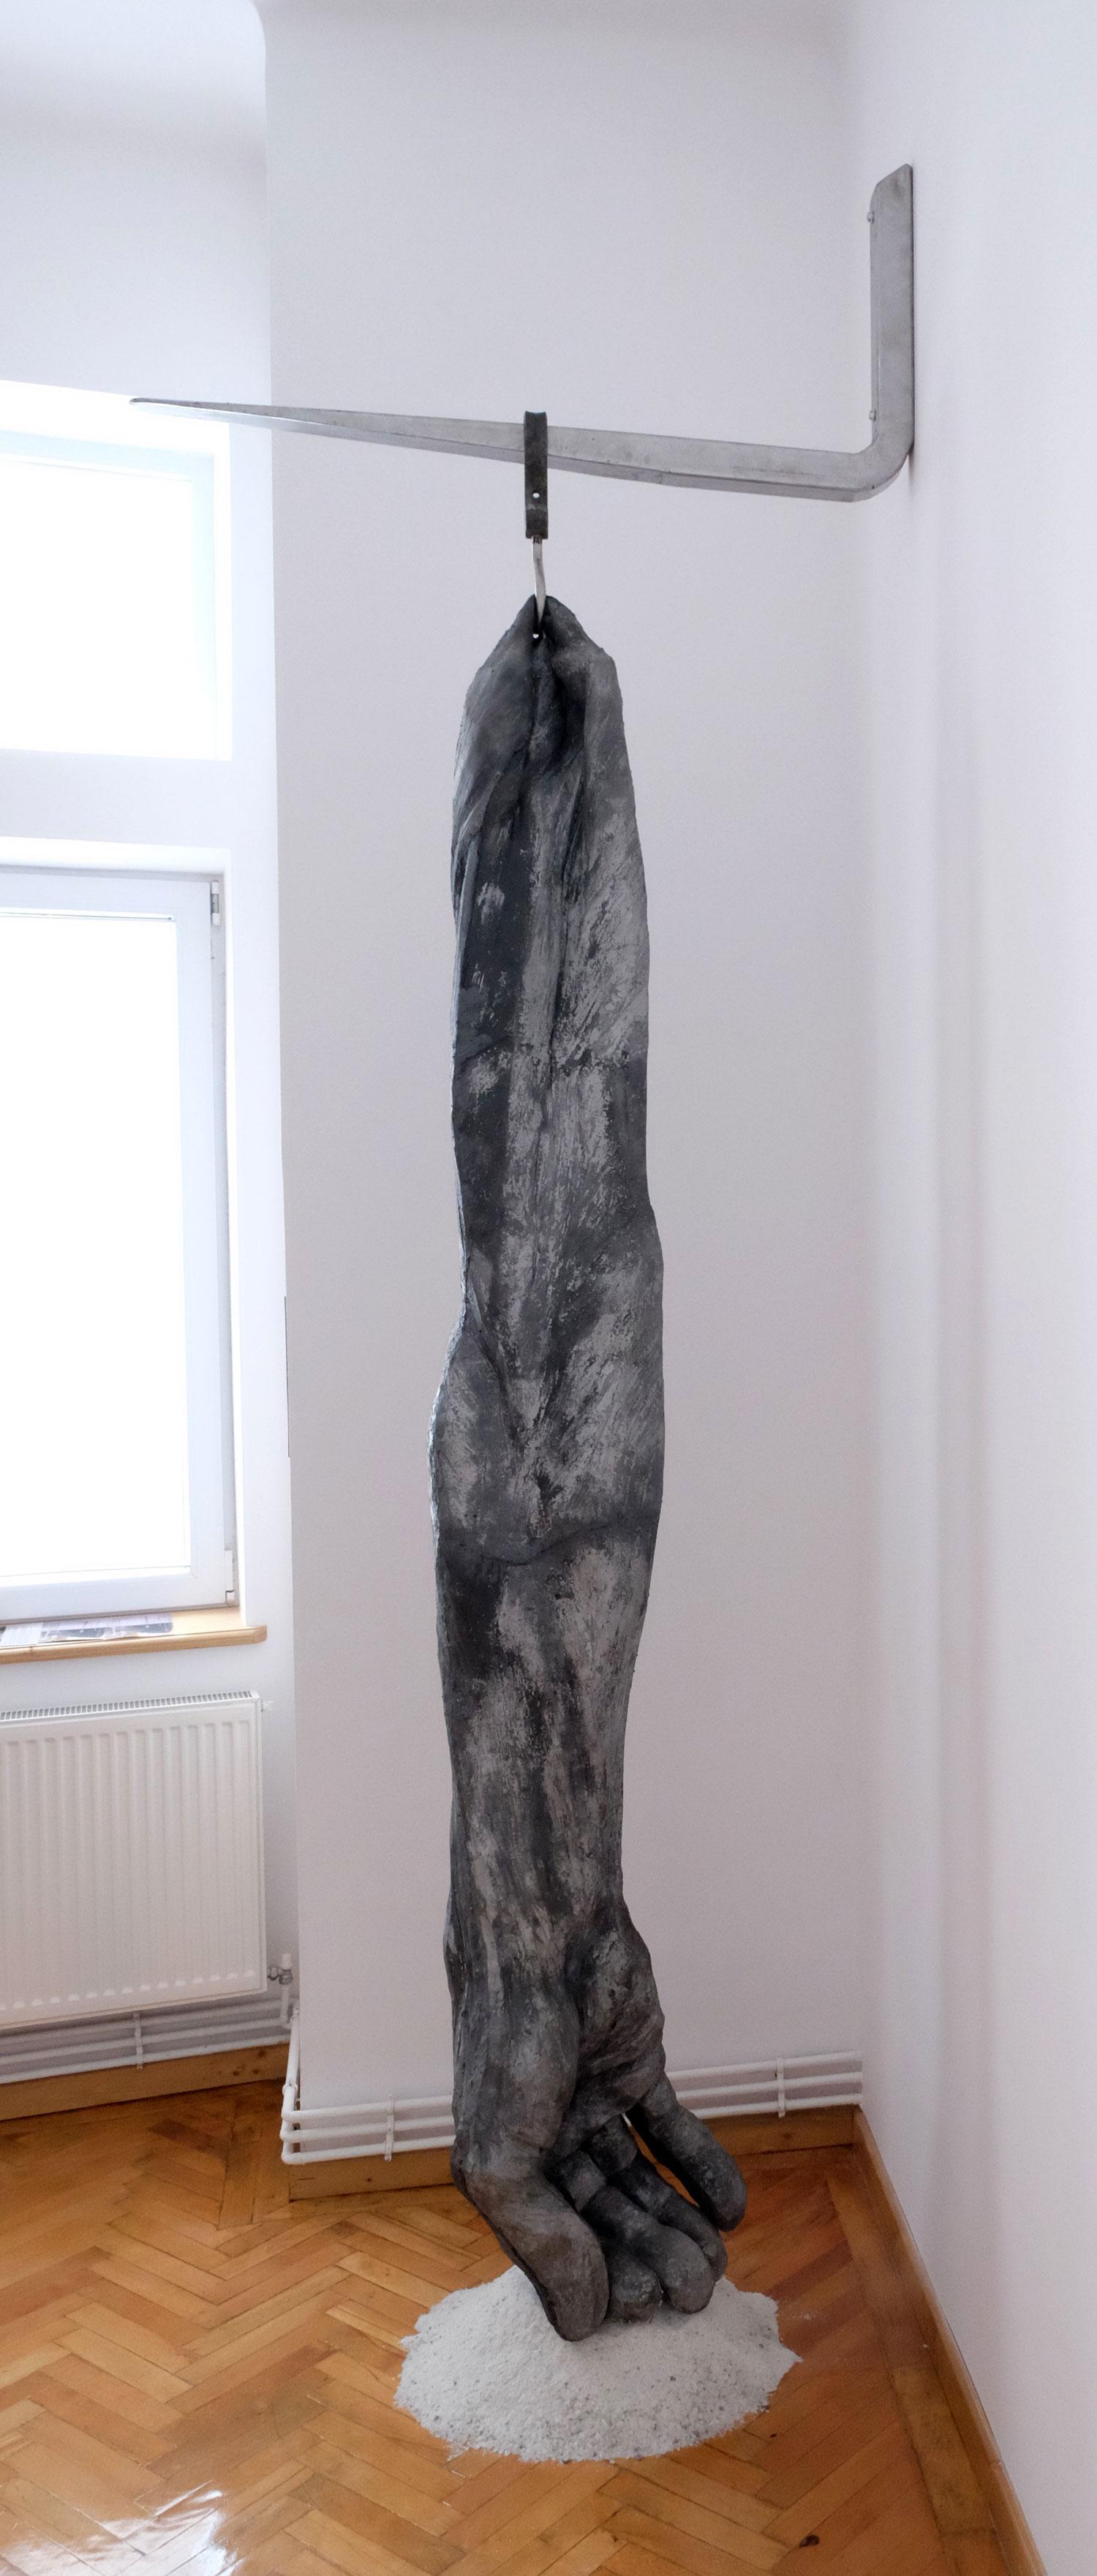 """Cătălin Bădărău, """"Registered"""", 2015, Sculpture, mixed media, 300x40x40 cm (HxWxD)"""